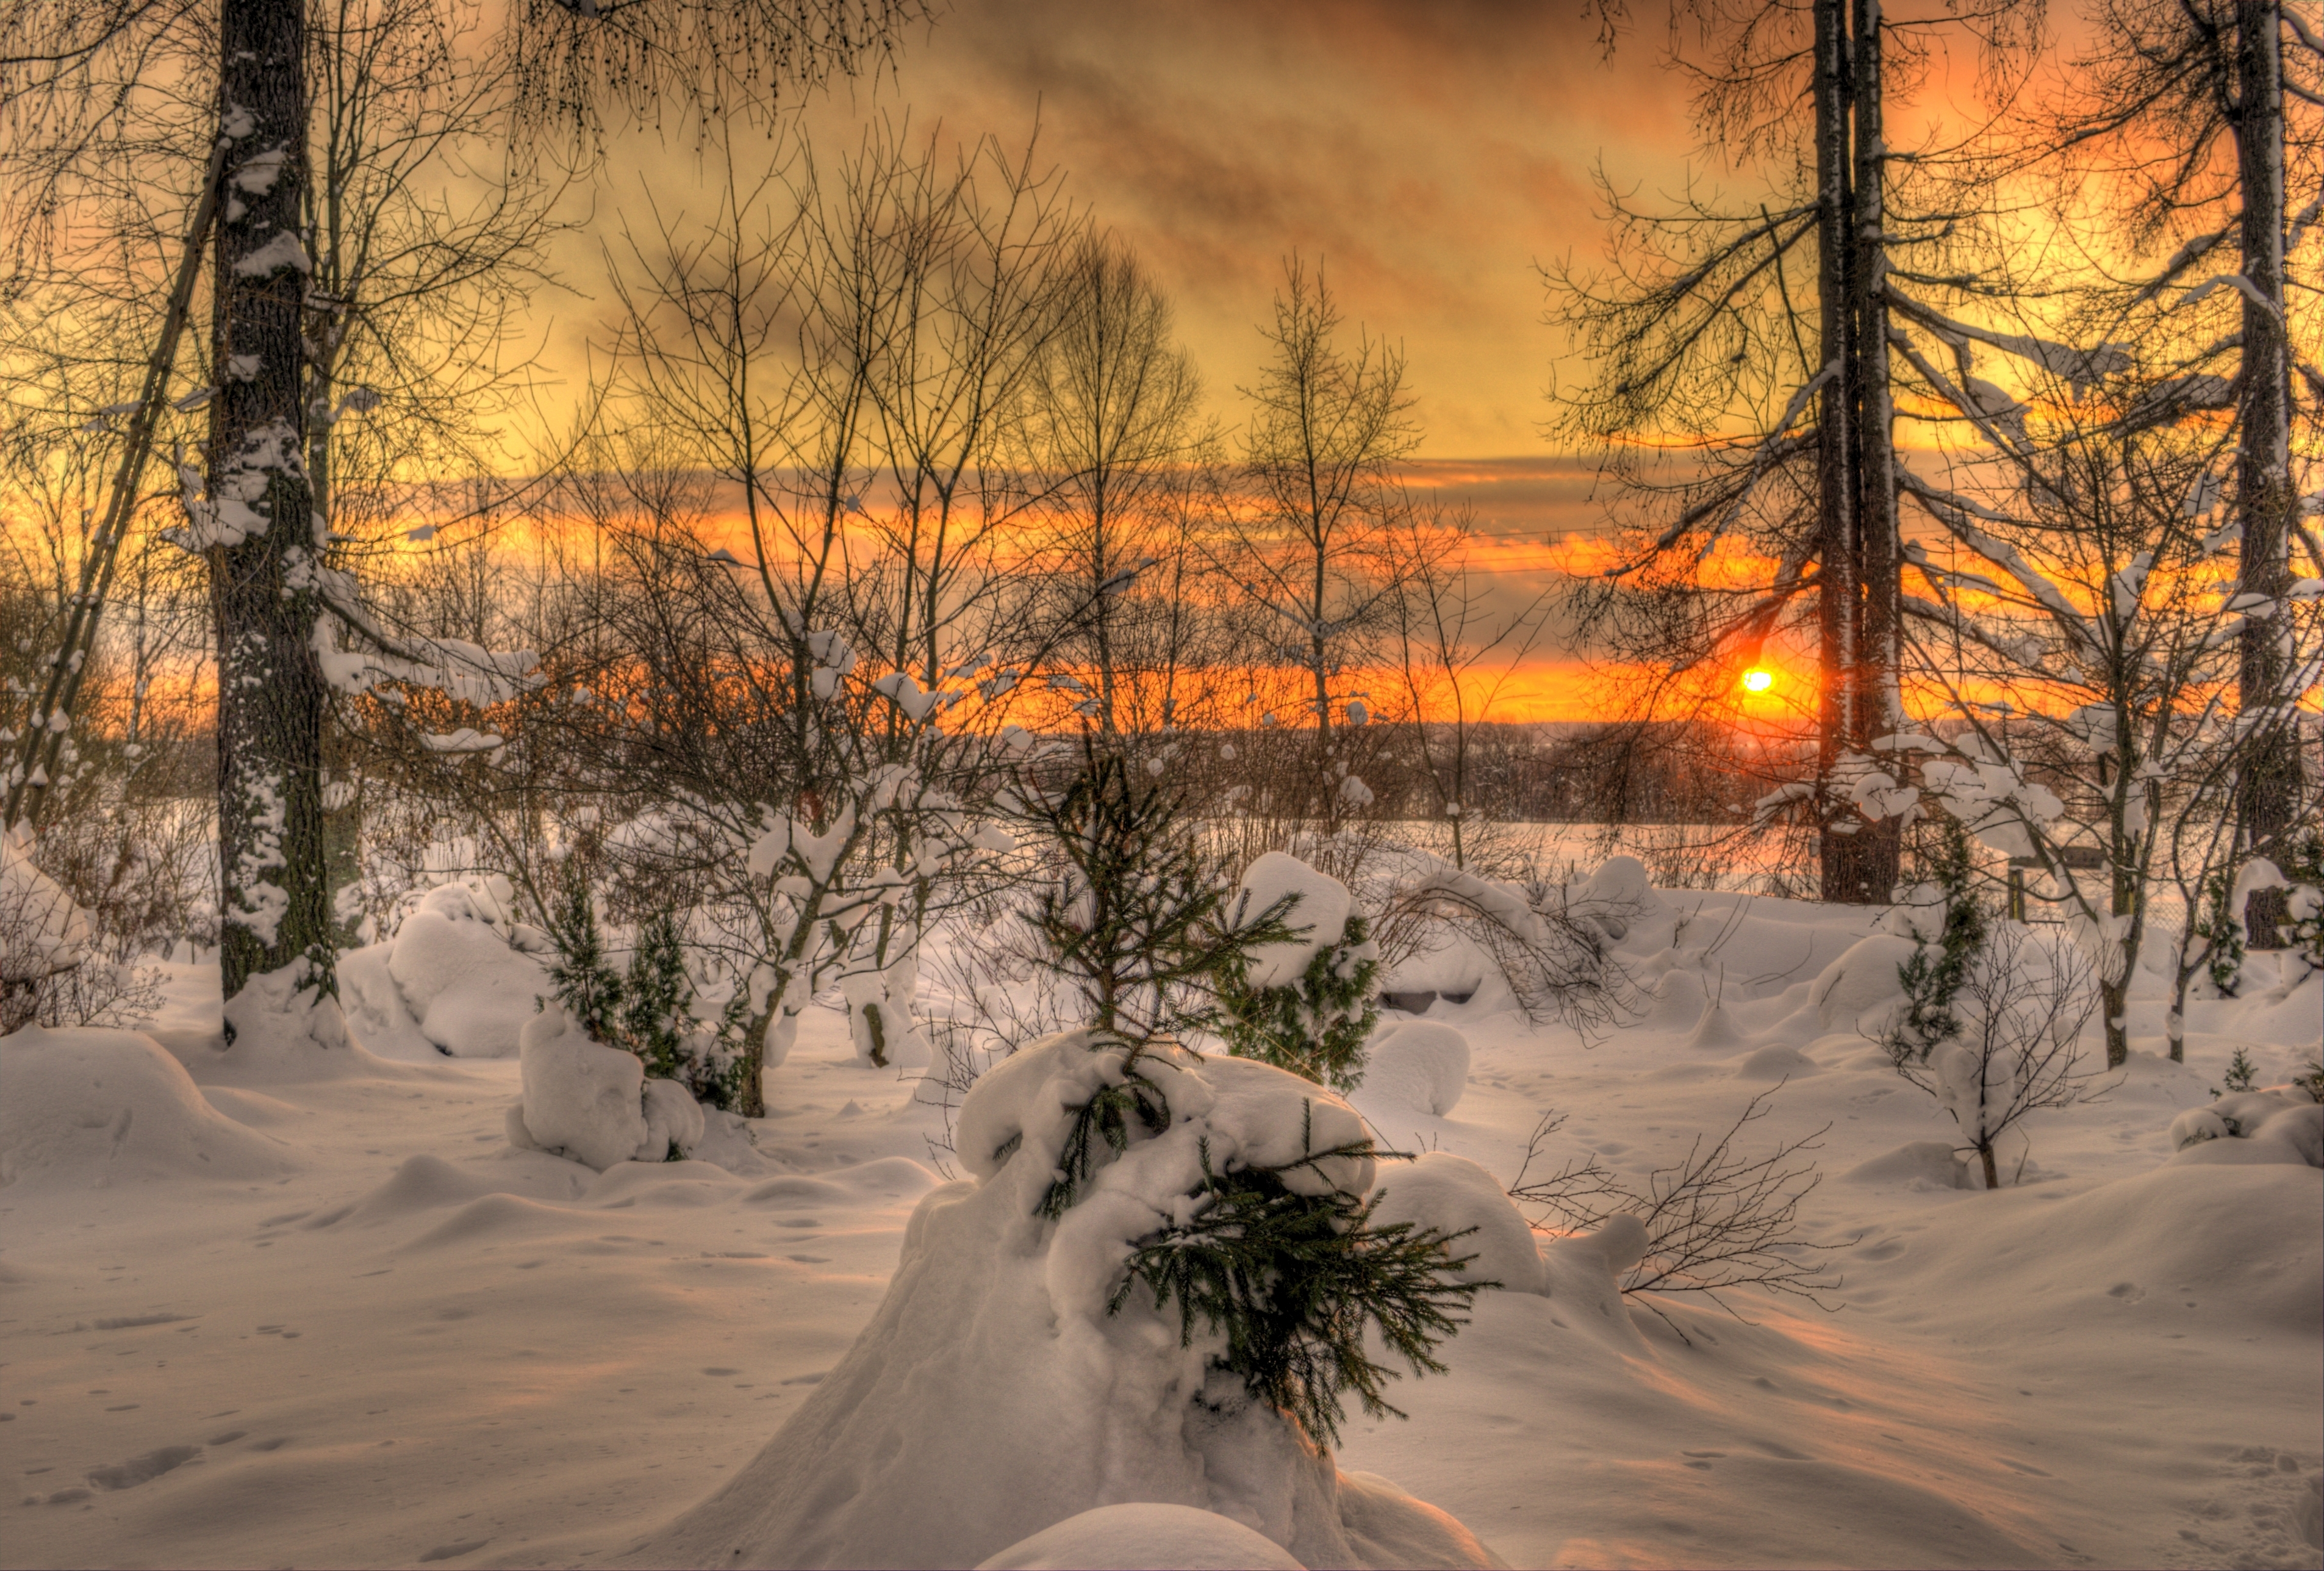 приморцев природа фотографии зимних пейзажей ему общем-то